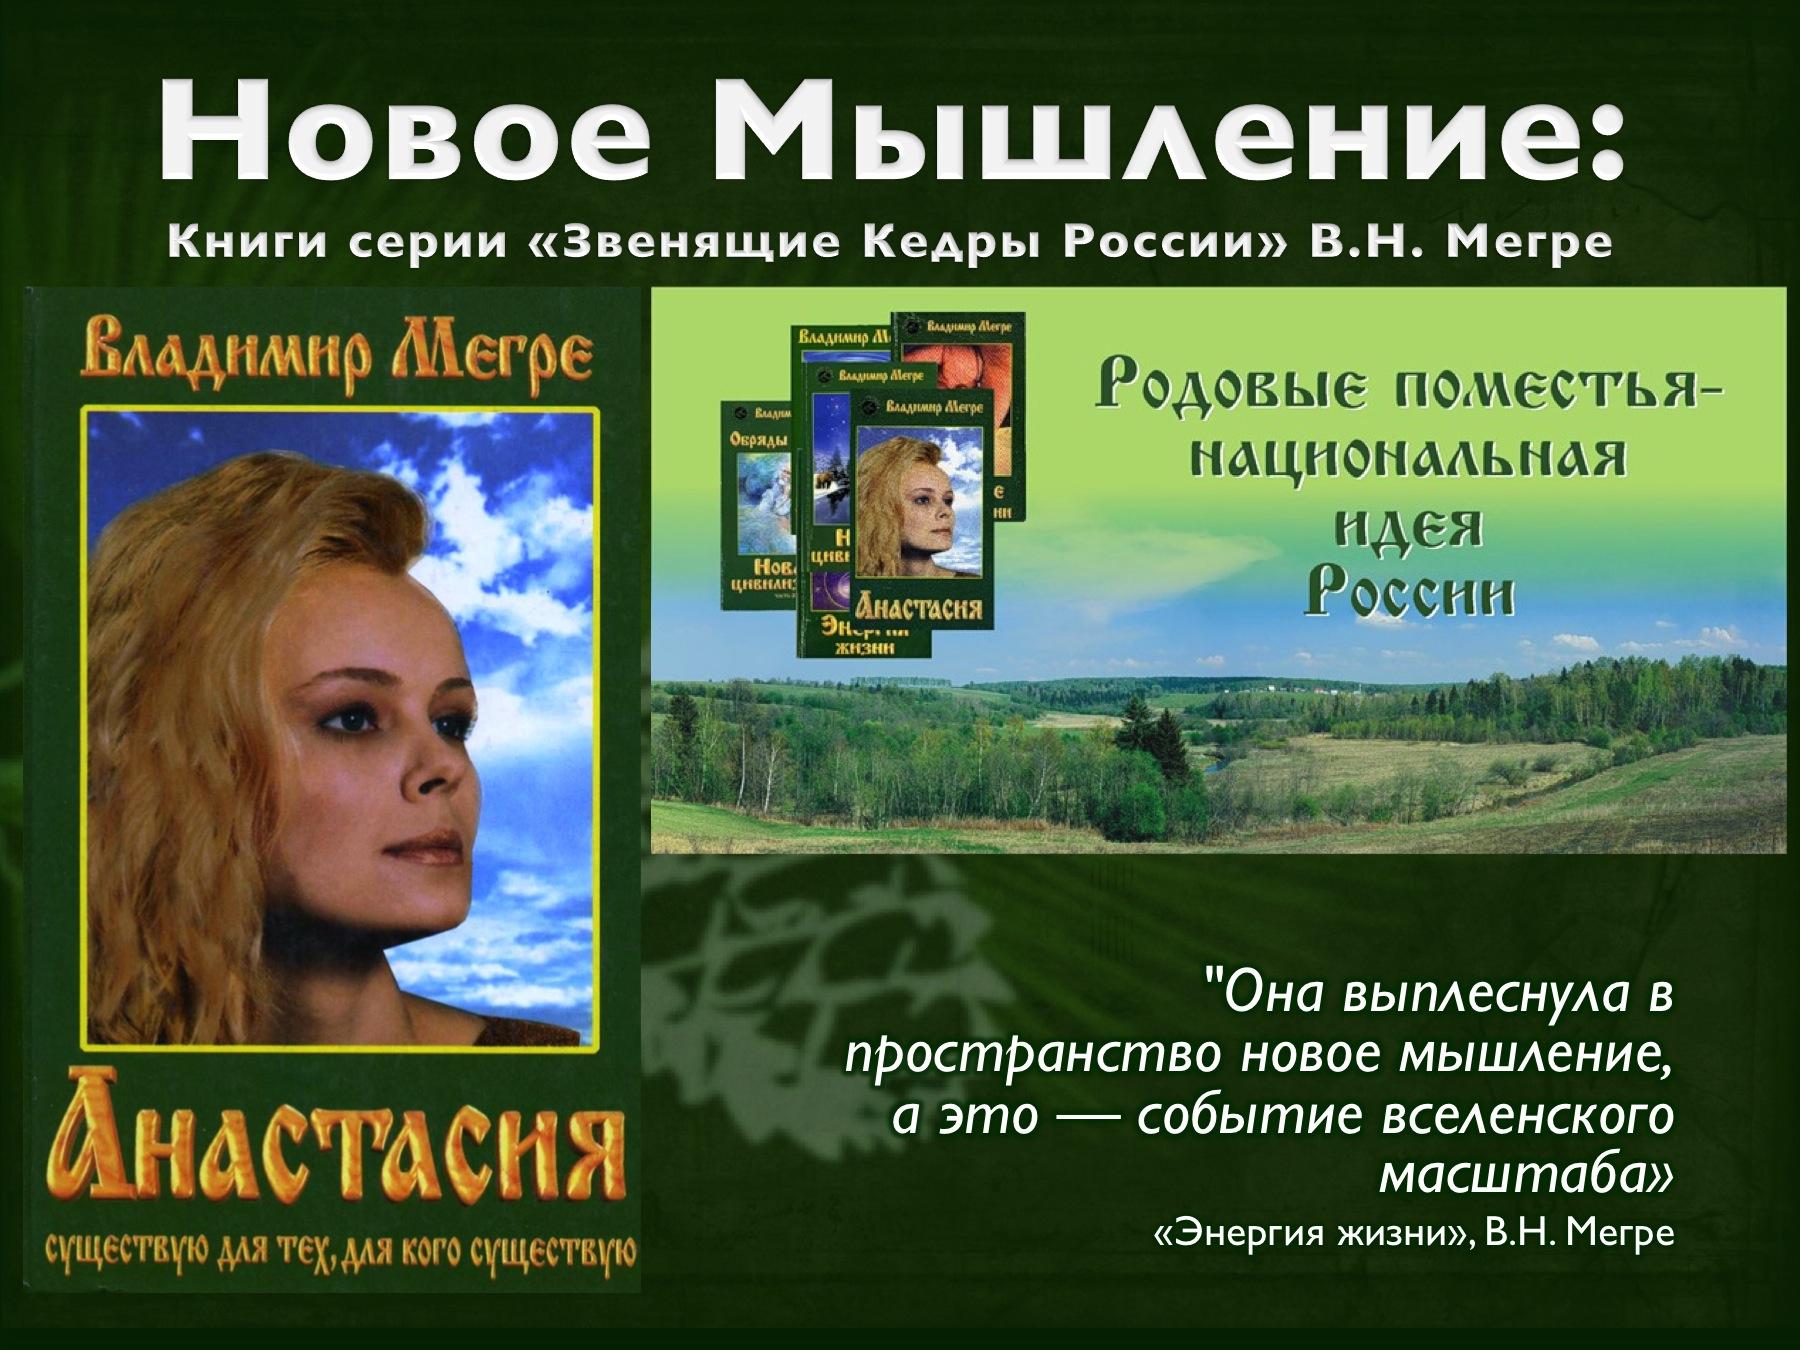 ВЛАДИМИР МЕГРЕ ЗВЕНЯЩИЕ КЕДРЫ РОССИИ СКАЧАТЬ БЕСПЛАТНО